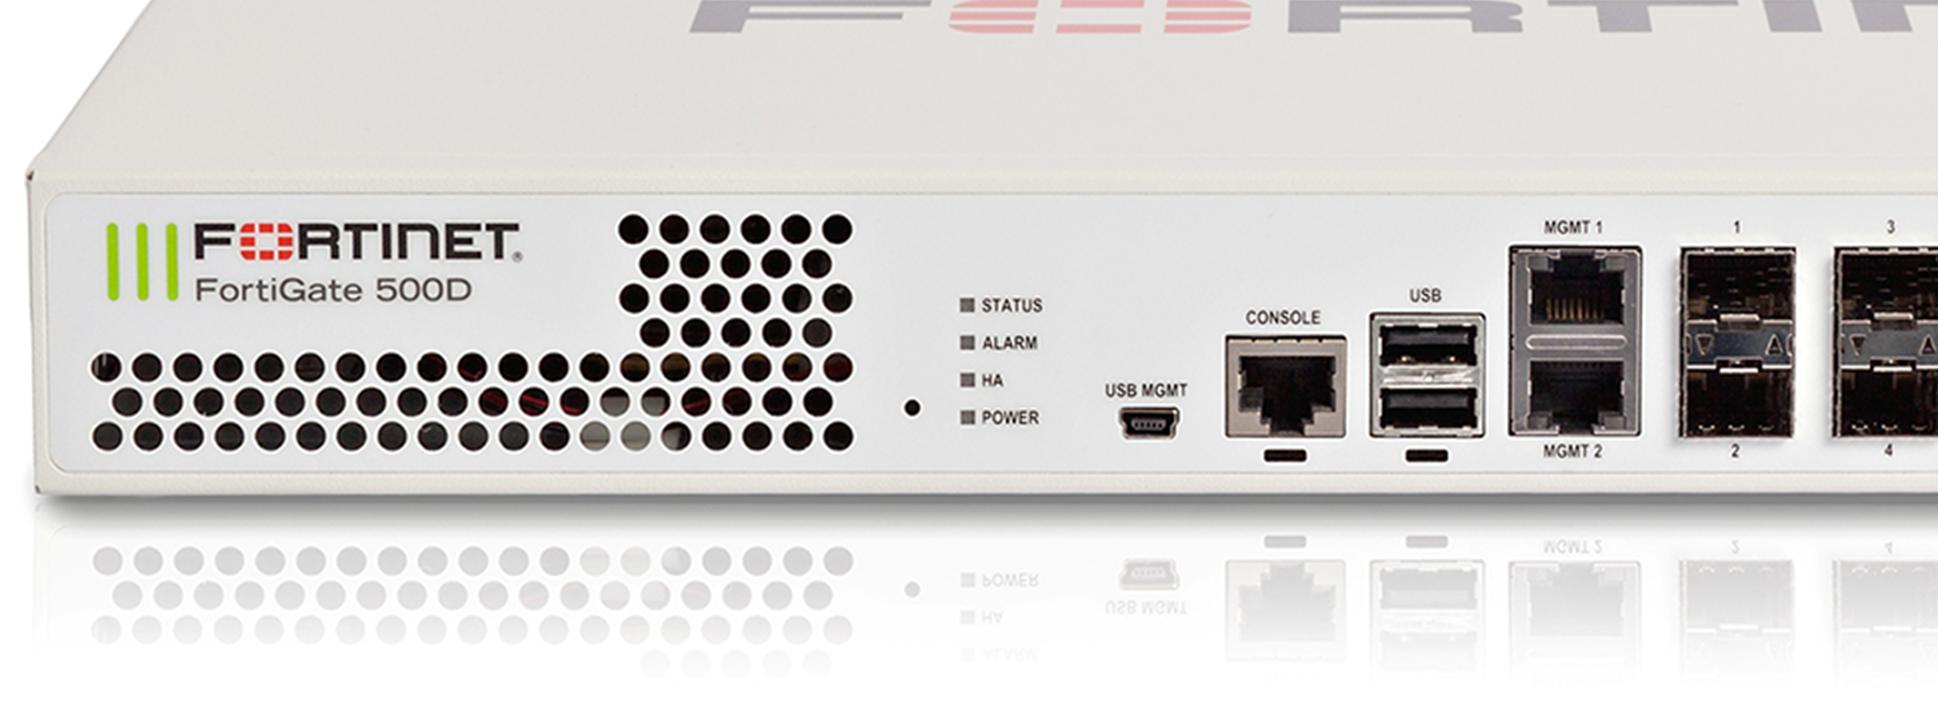 fortinet-firewall